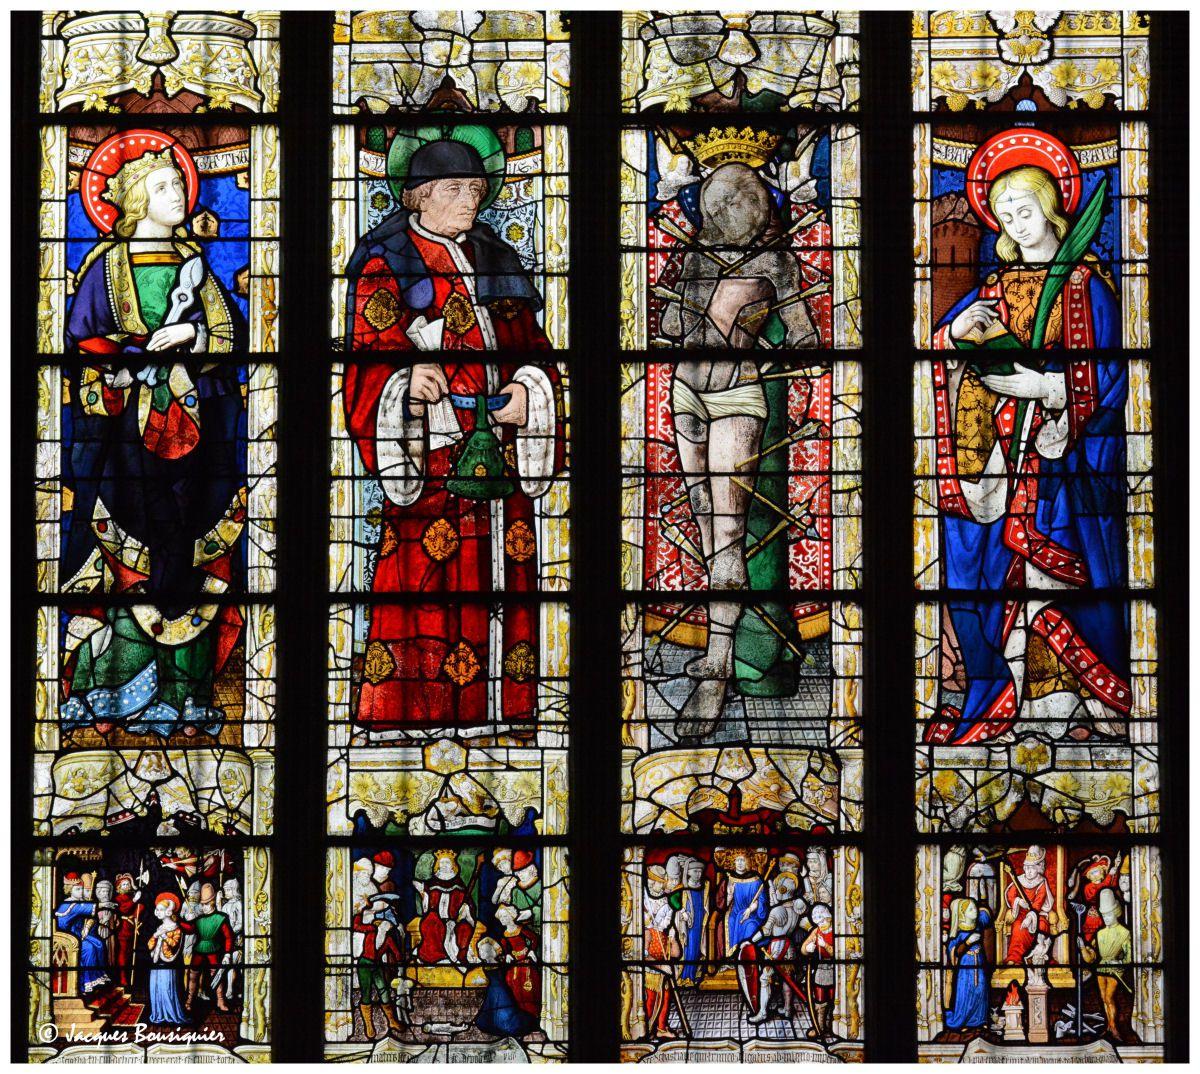 Les vitraux de Saint-Lô